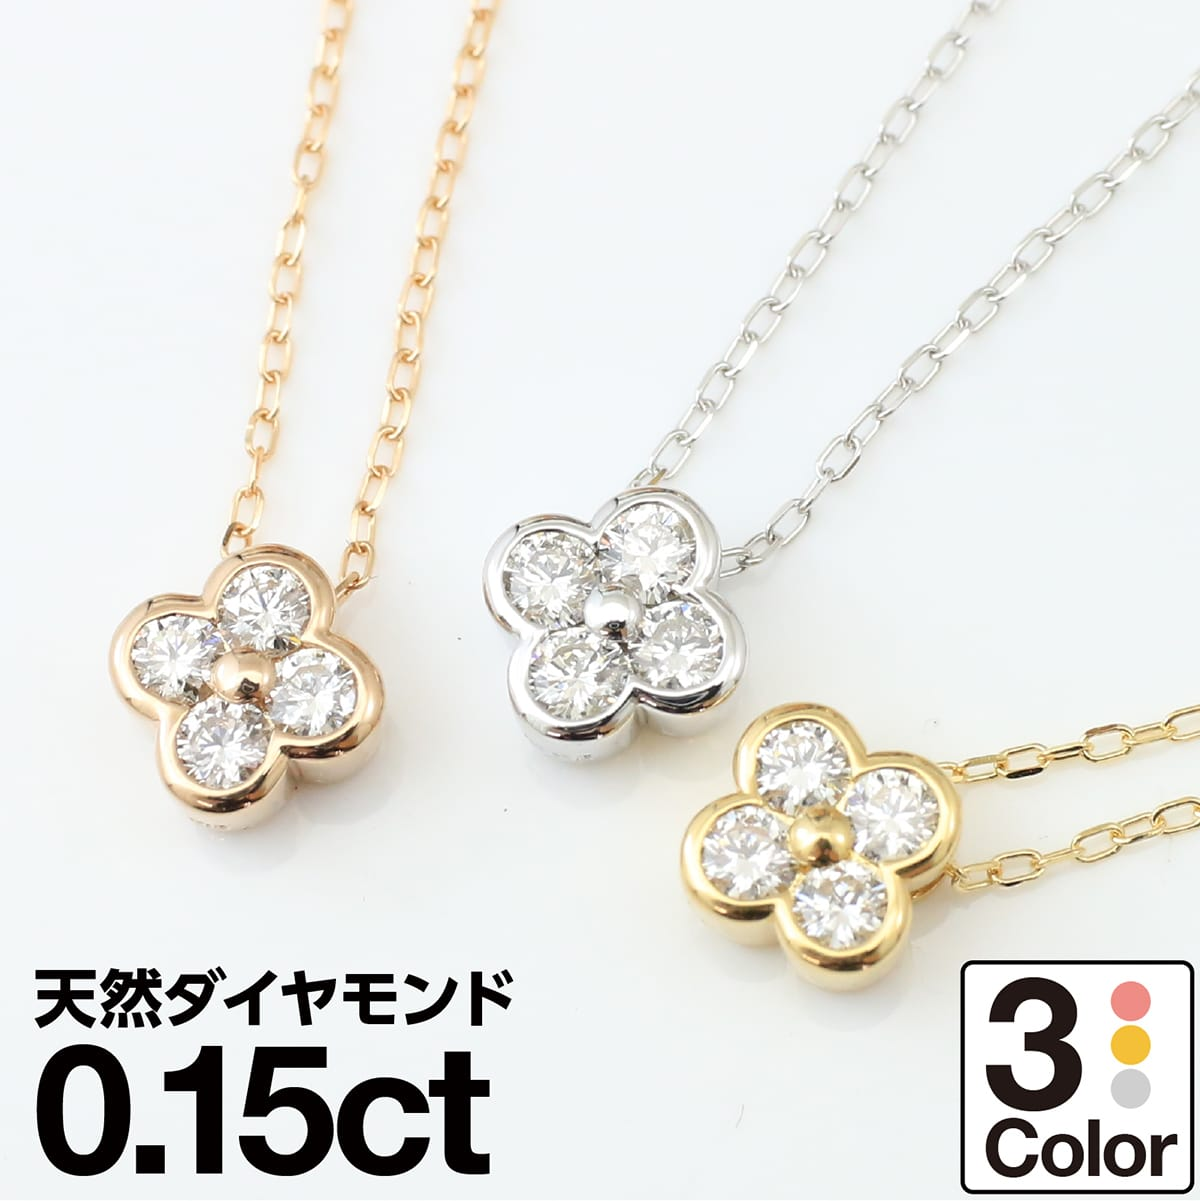 天然ダイヤモンド H&C ハートアンドキューピッド ネックレス k10 イエローゴールド/ホワイトゴールド/ピンクゴールド 品質保証書 金属アレルギー 日本製